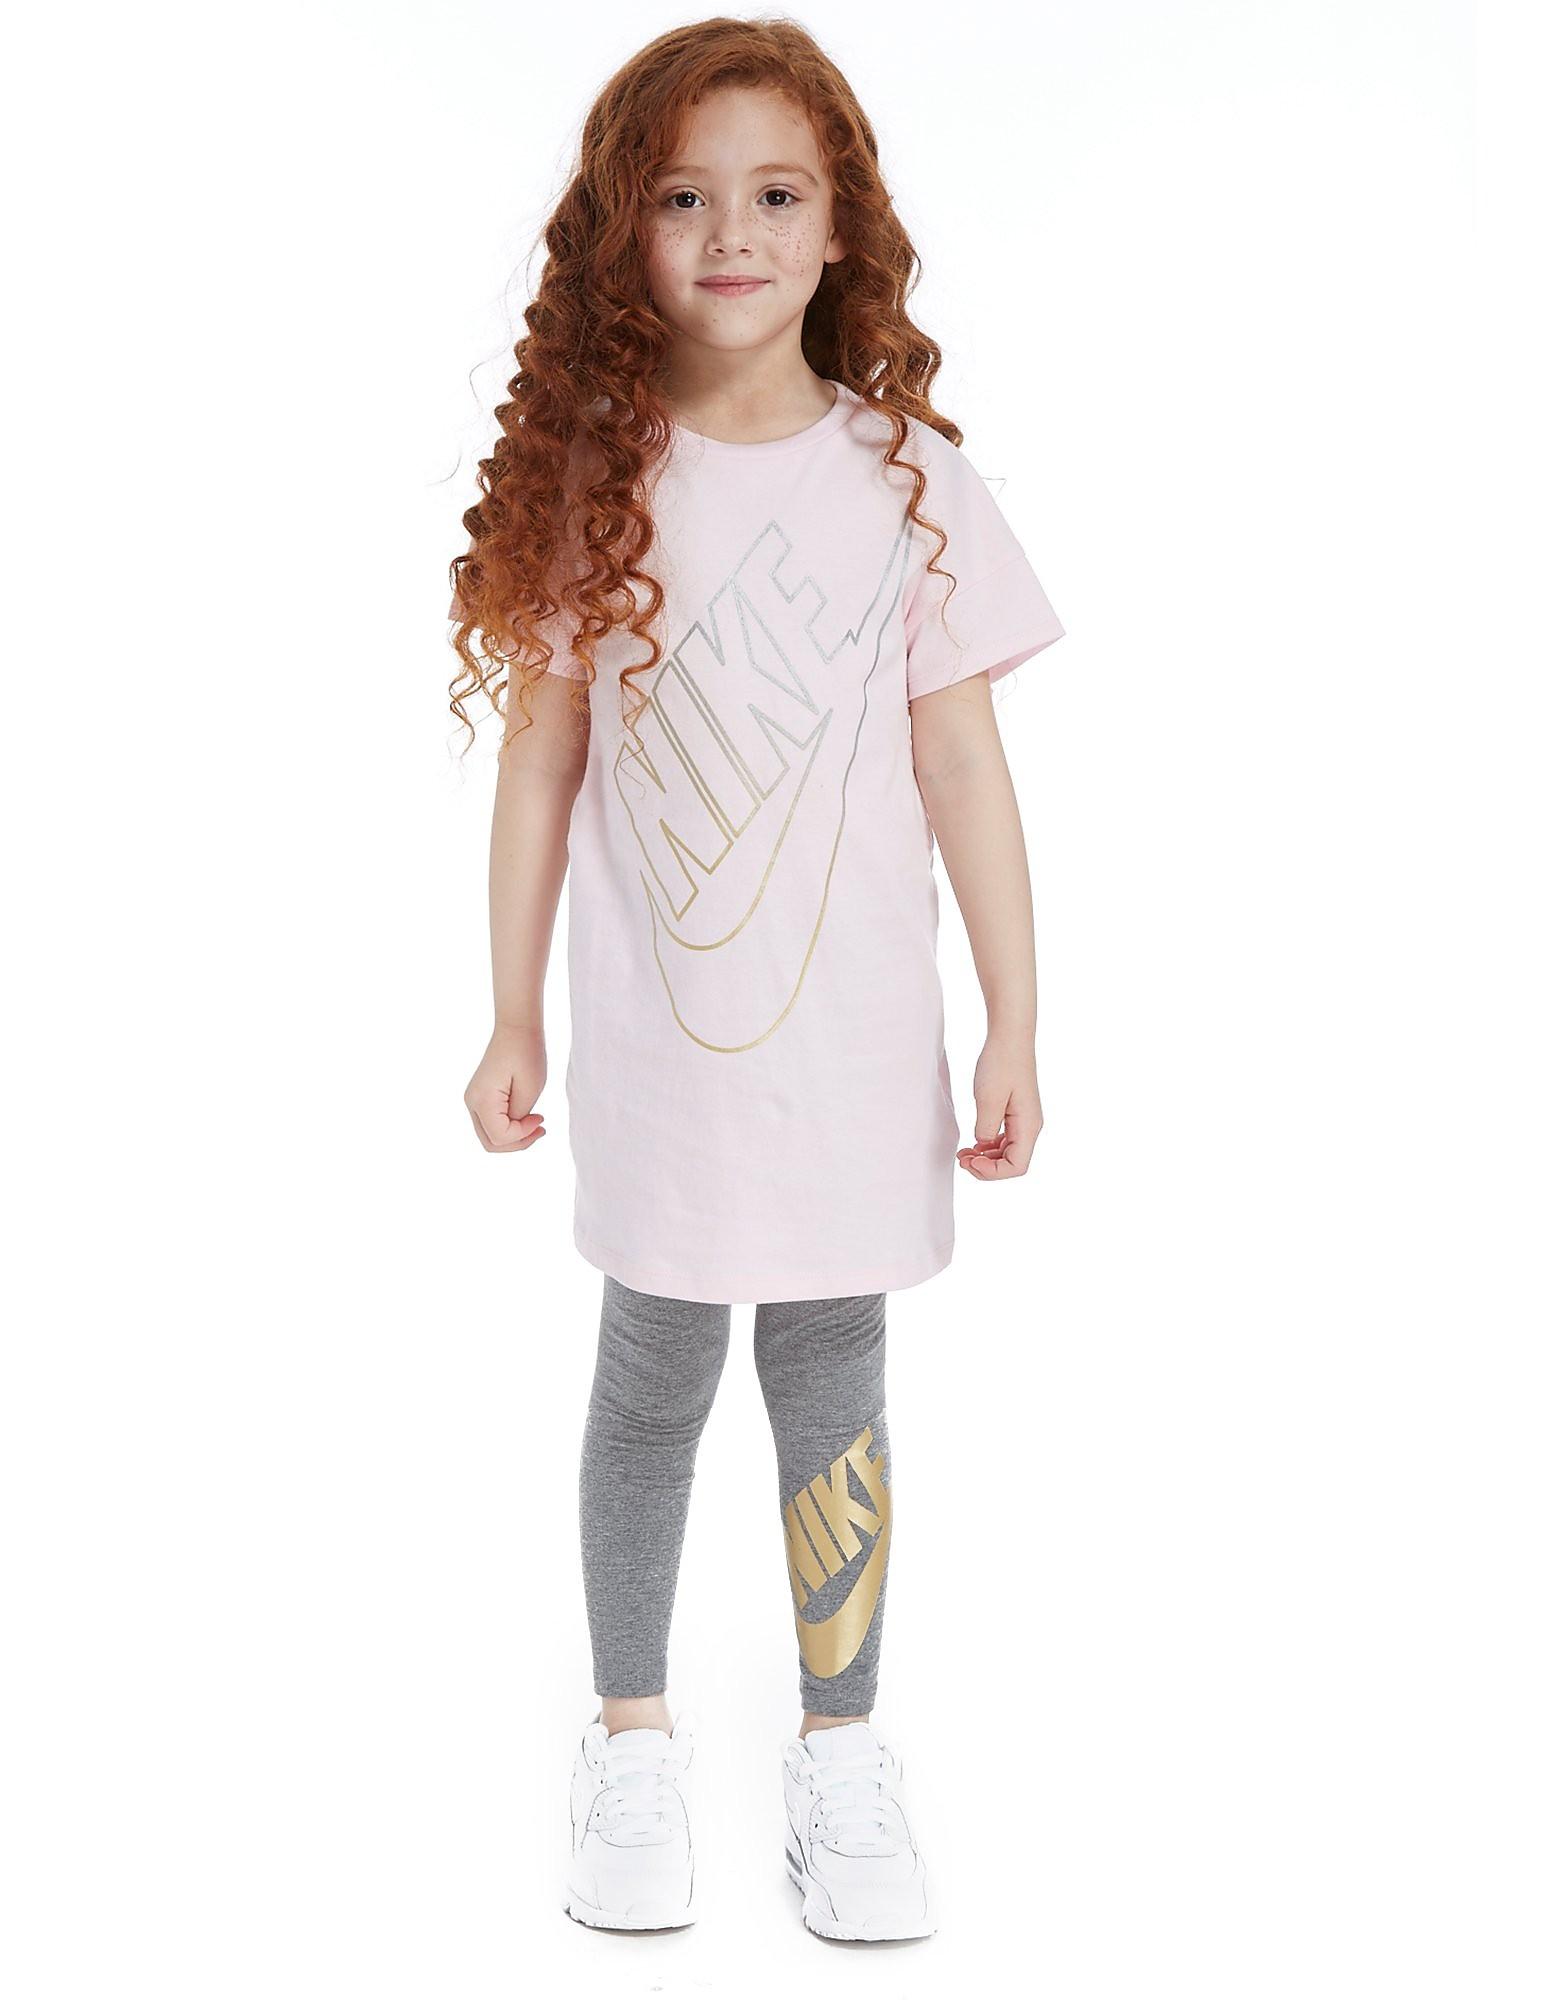 Nike Girls' T-Shirt/Leggings Set Children